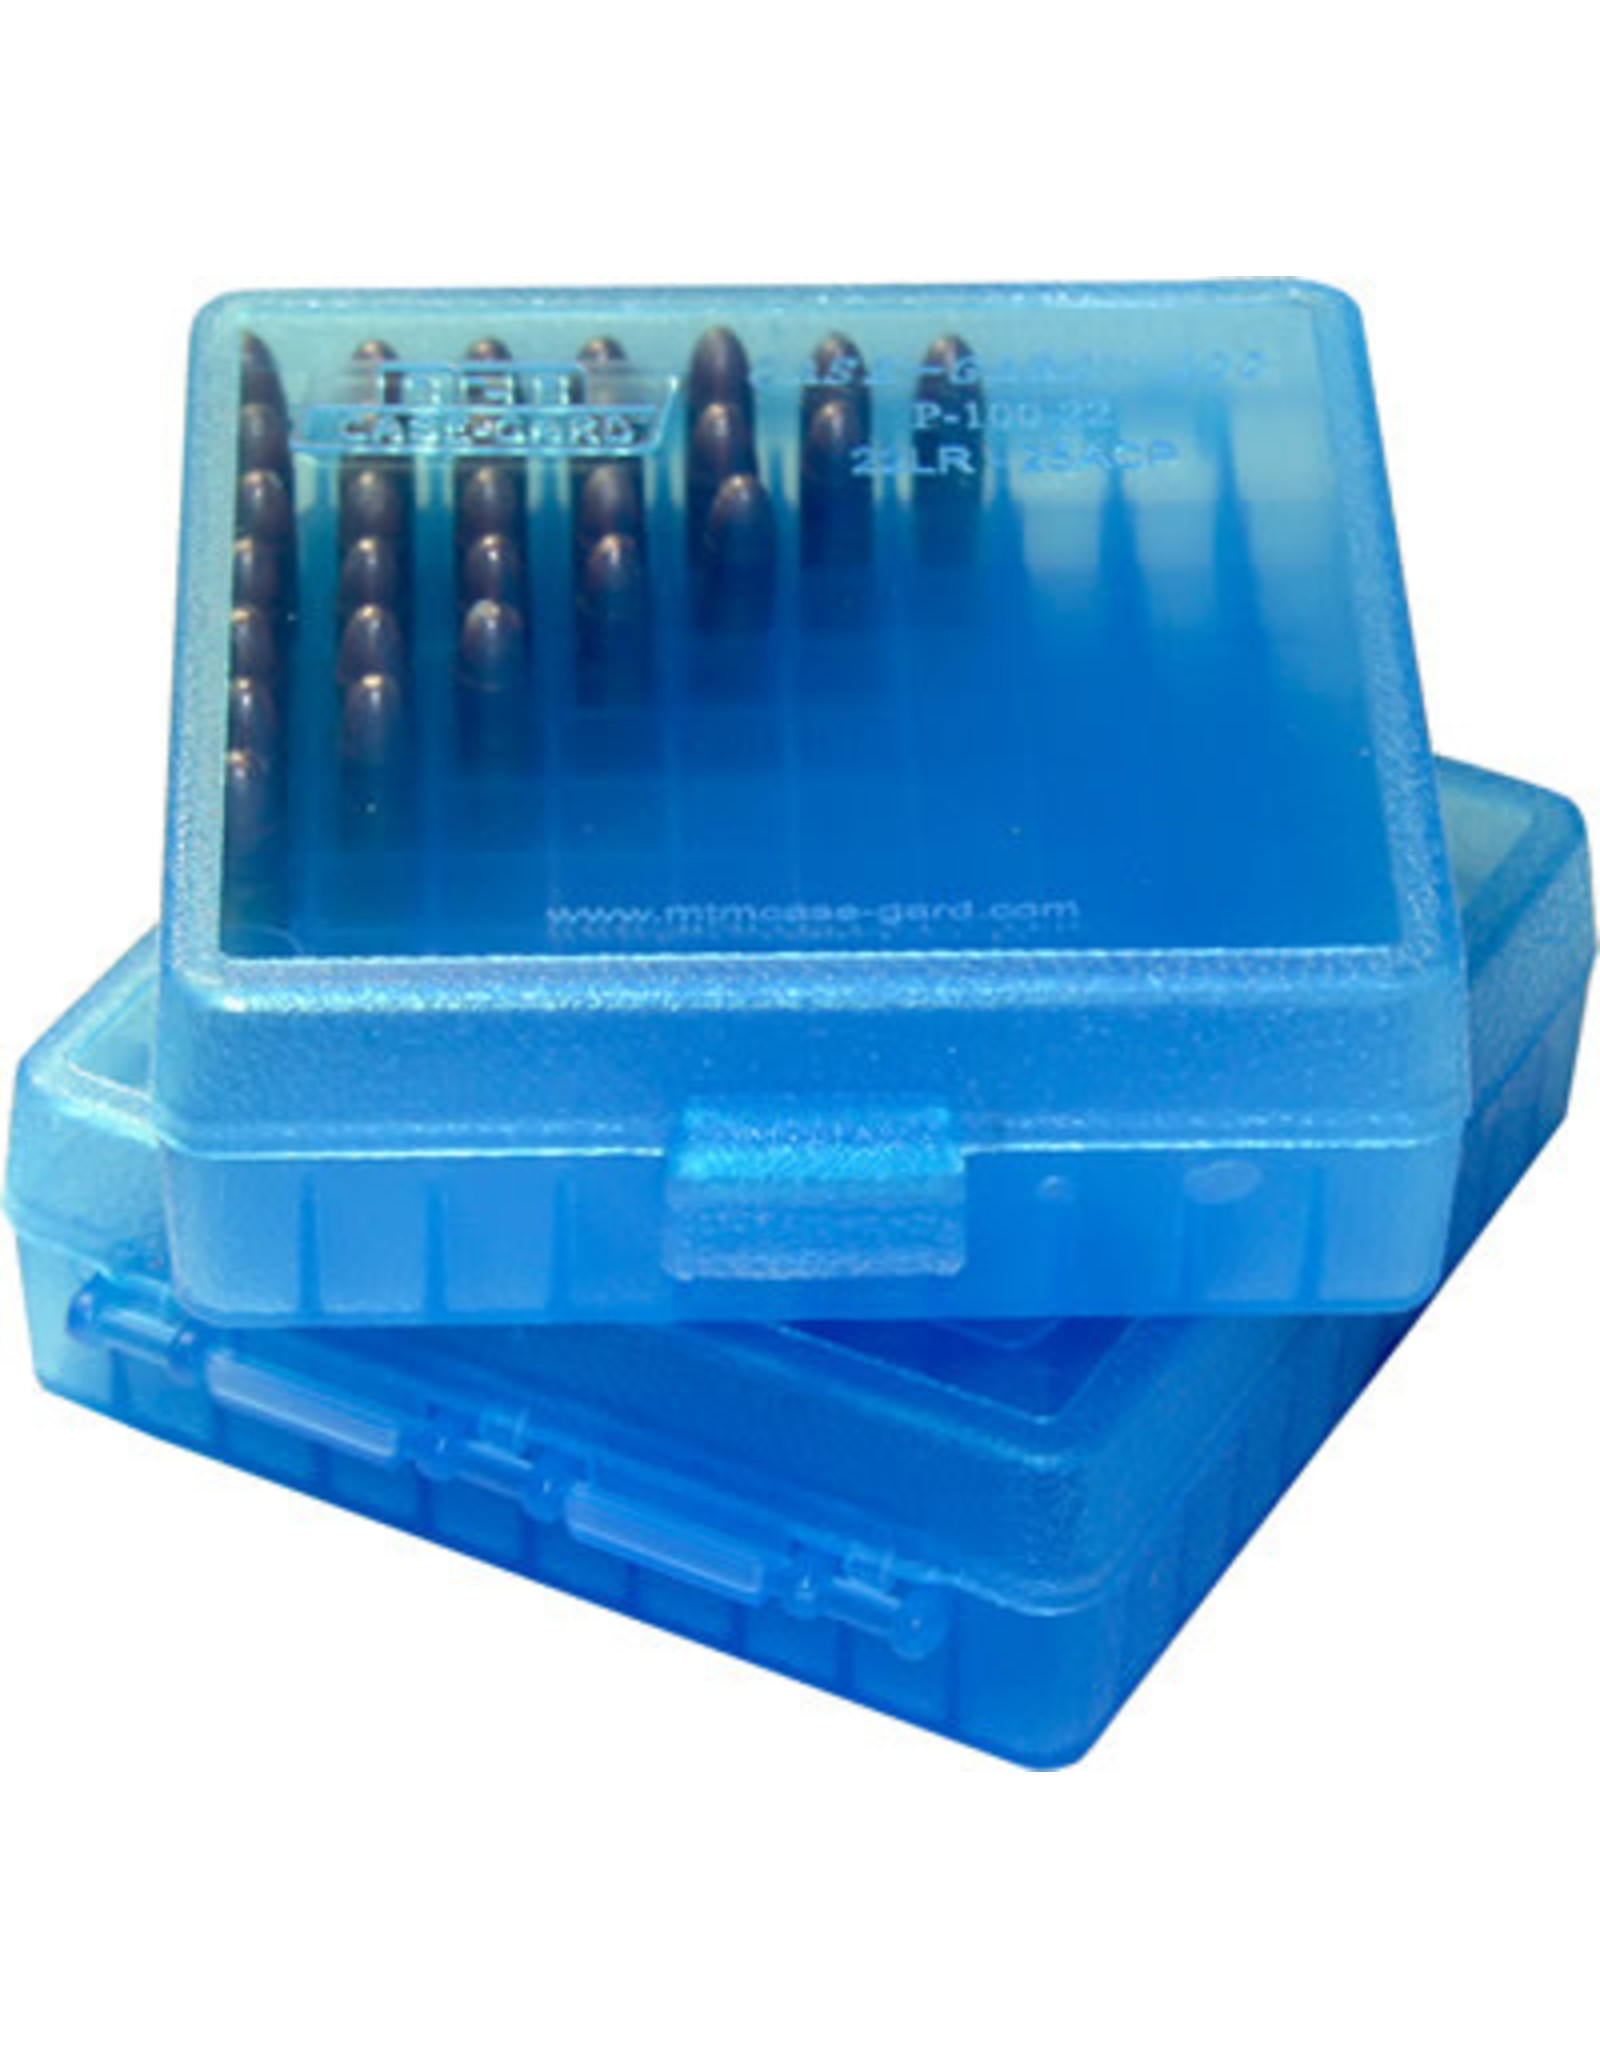 MTM Case-Gard MTM P-100-45-24 CASE-GARD Ammo Box